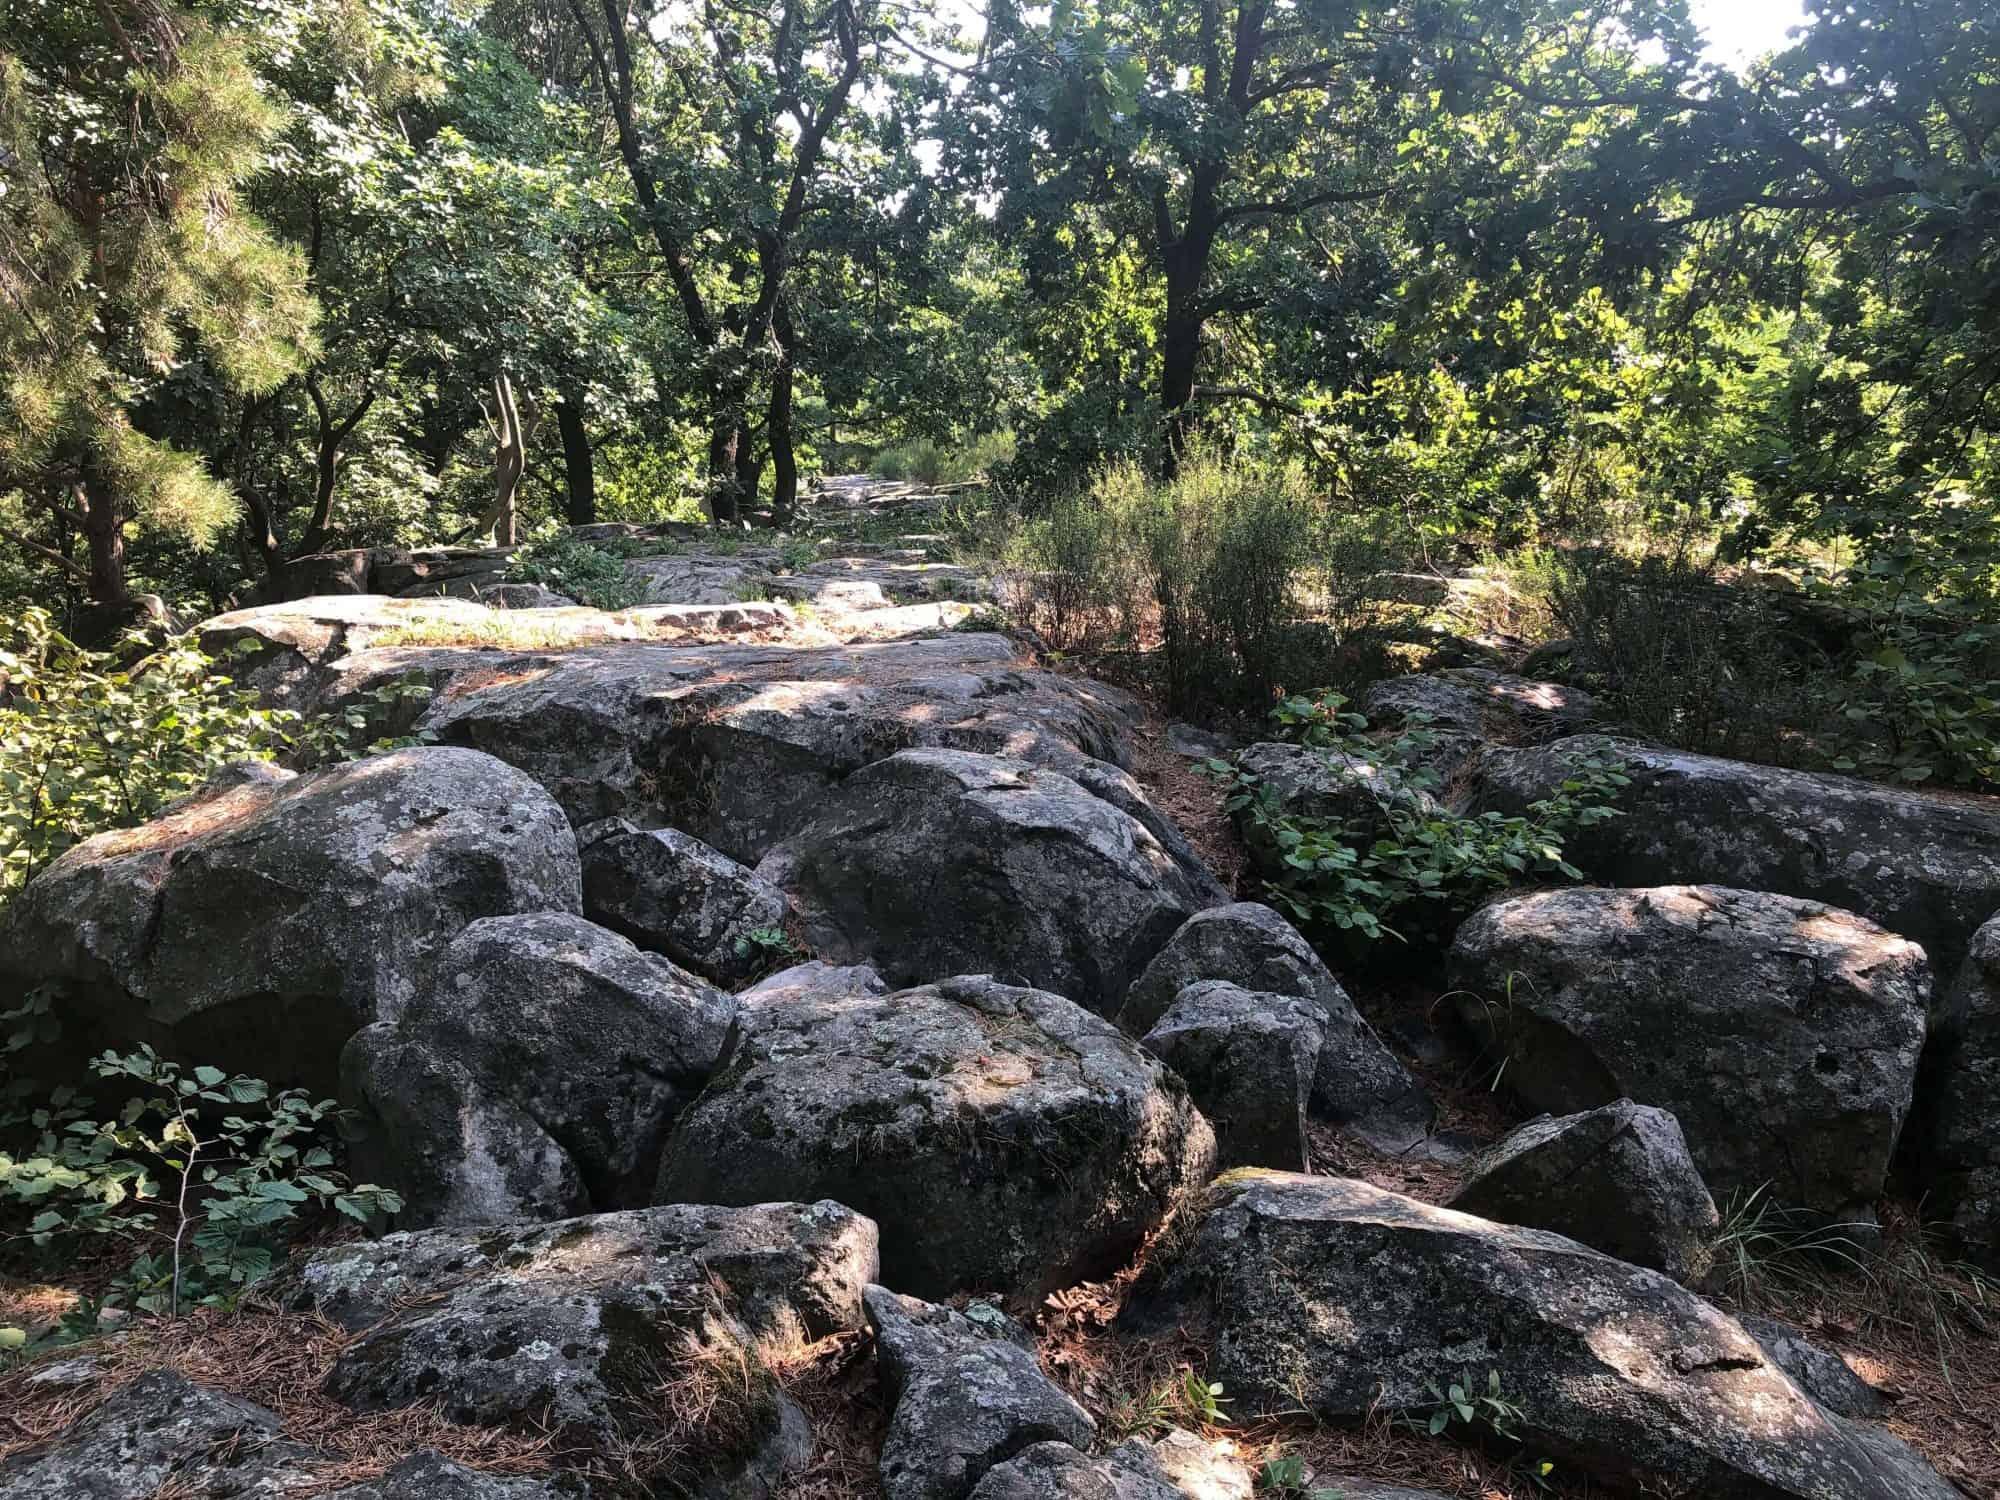 Papsapka-kövek - kőtenger a Csobánc lábánál